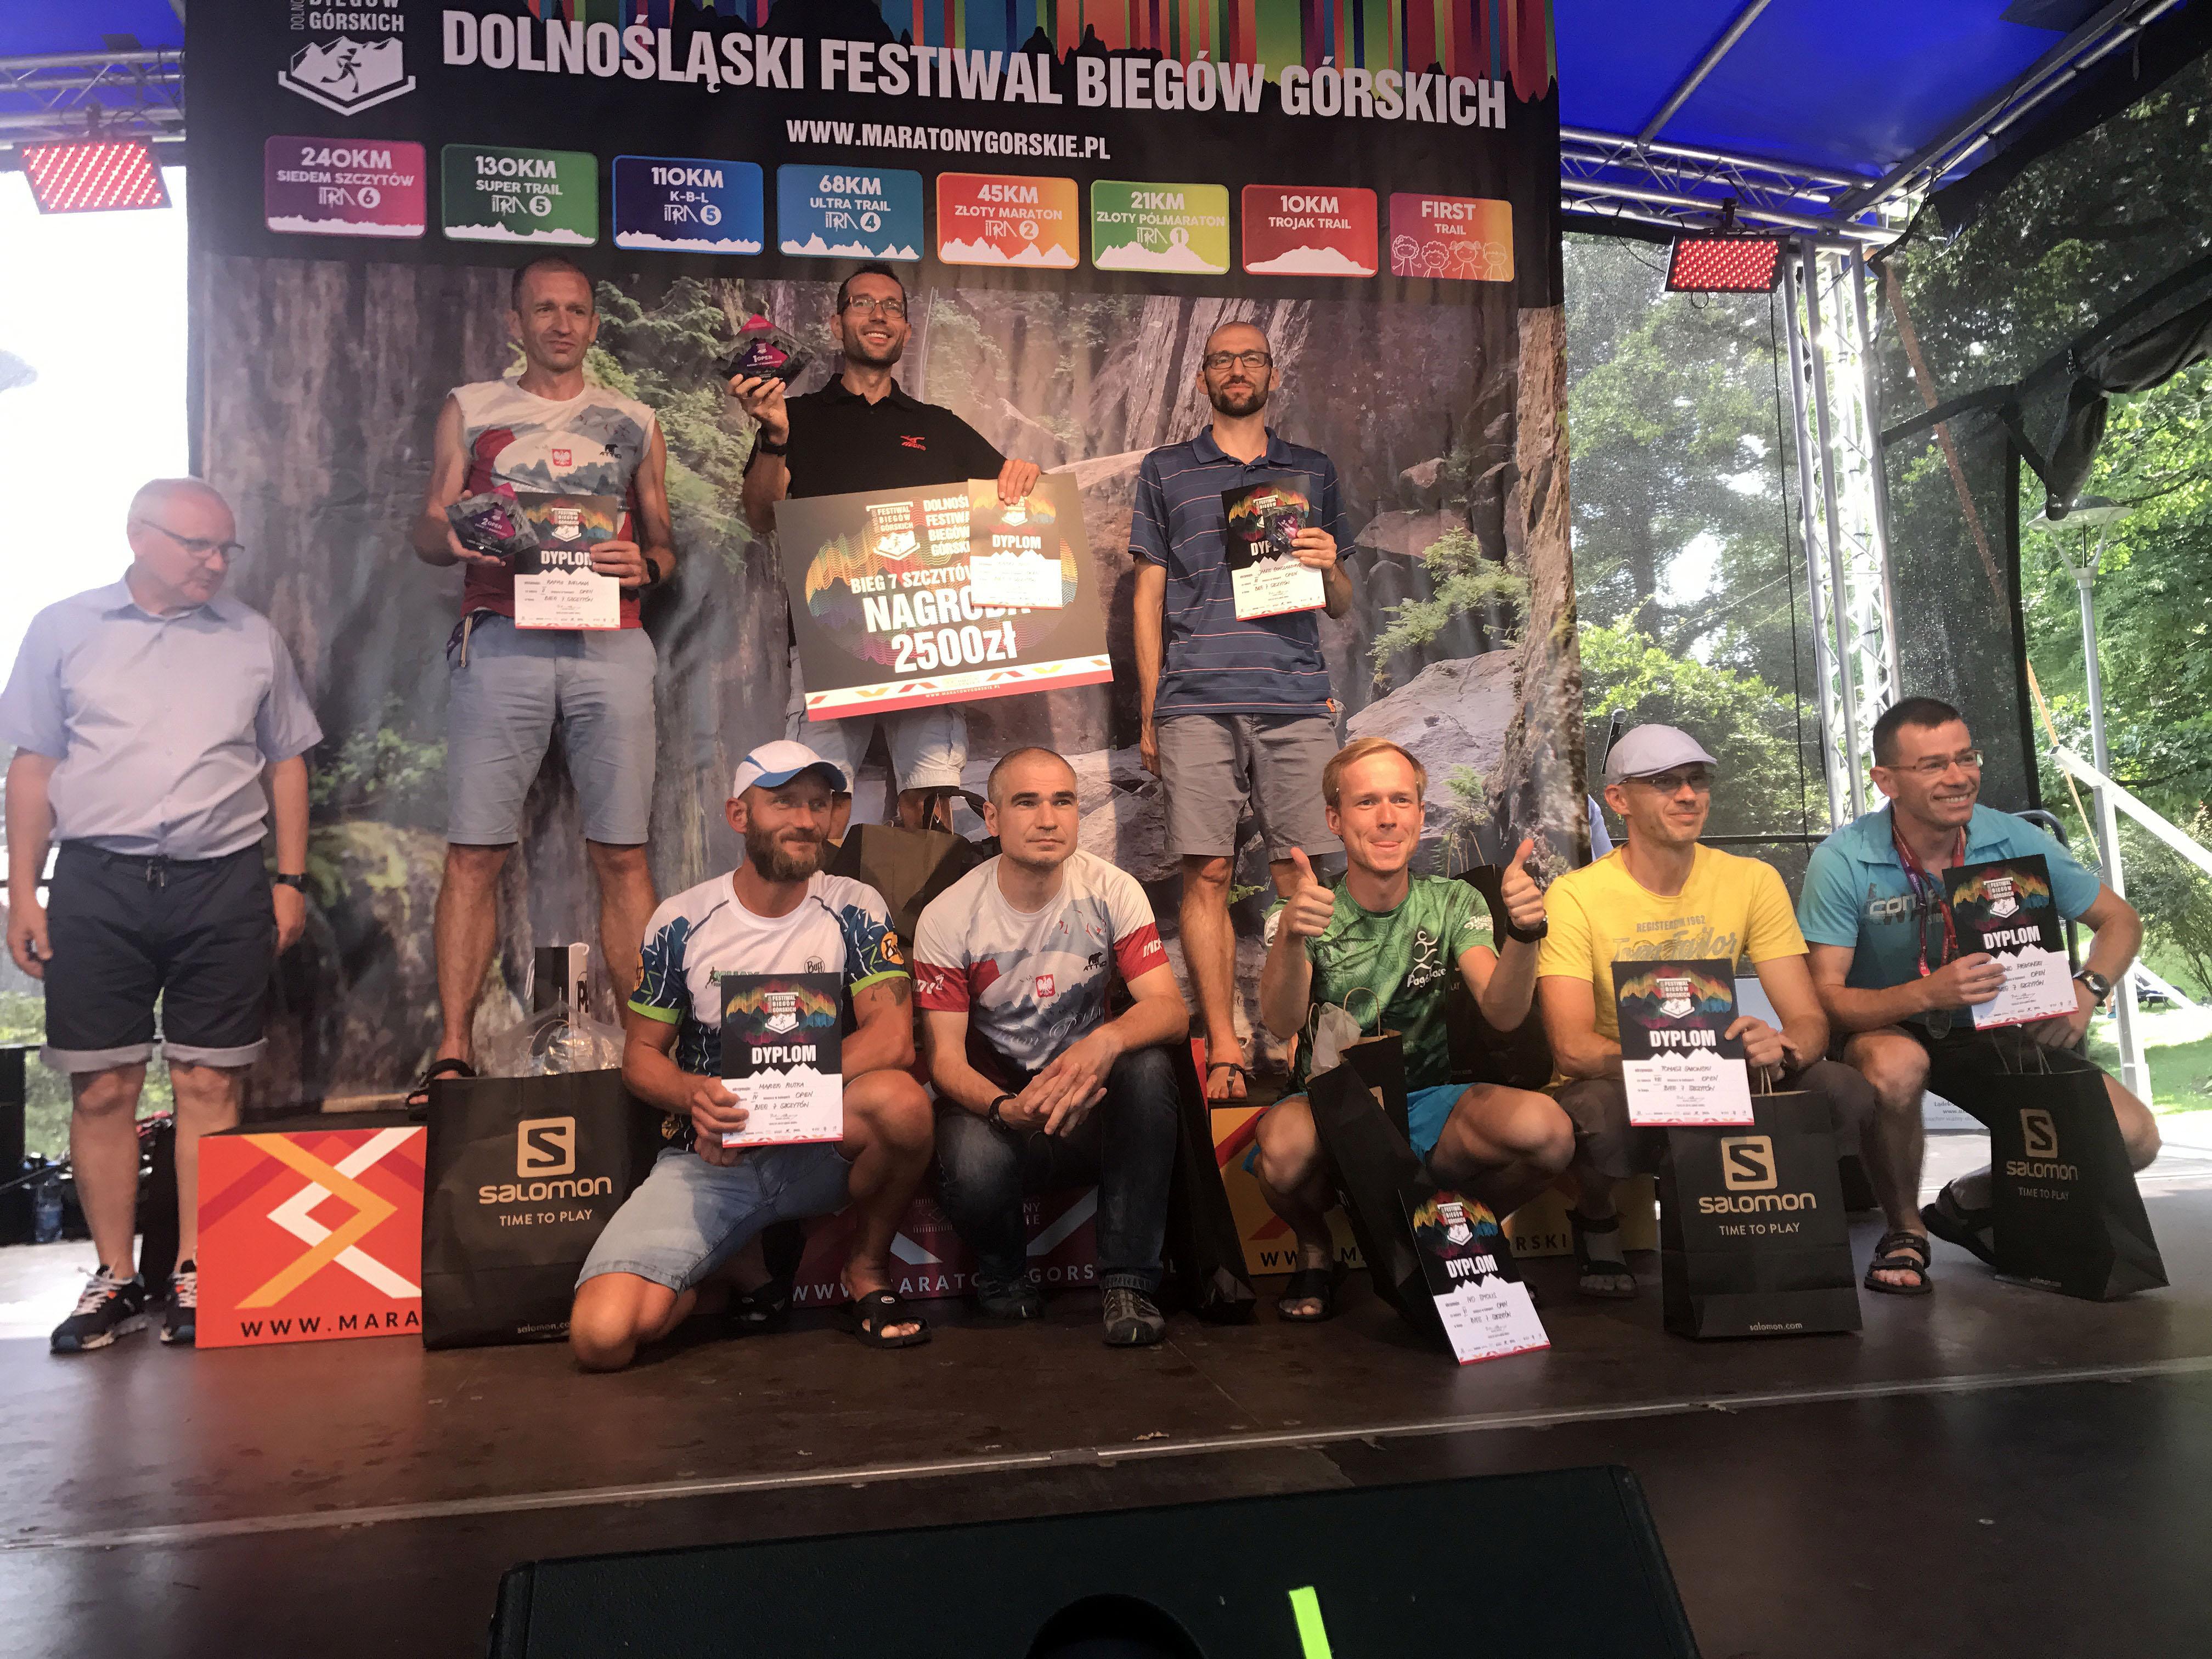 Najlepsi w Biegu 7 Szczytów. Dolnośląski Festiwal Biegów Górskich 2018, Lądek Zdrój (fot. Przemysław Ząbecki)